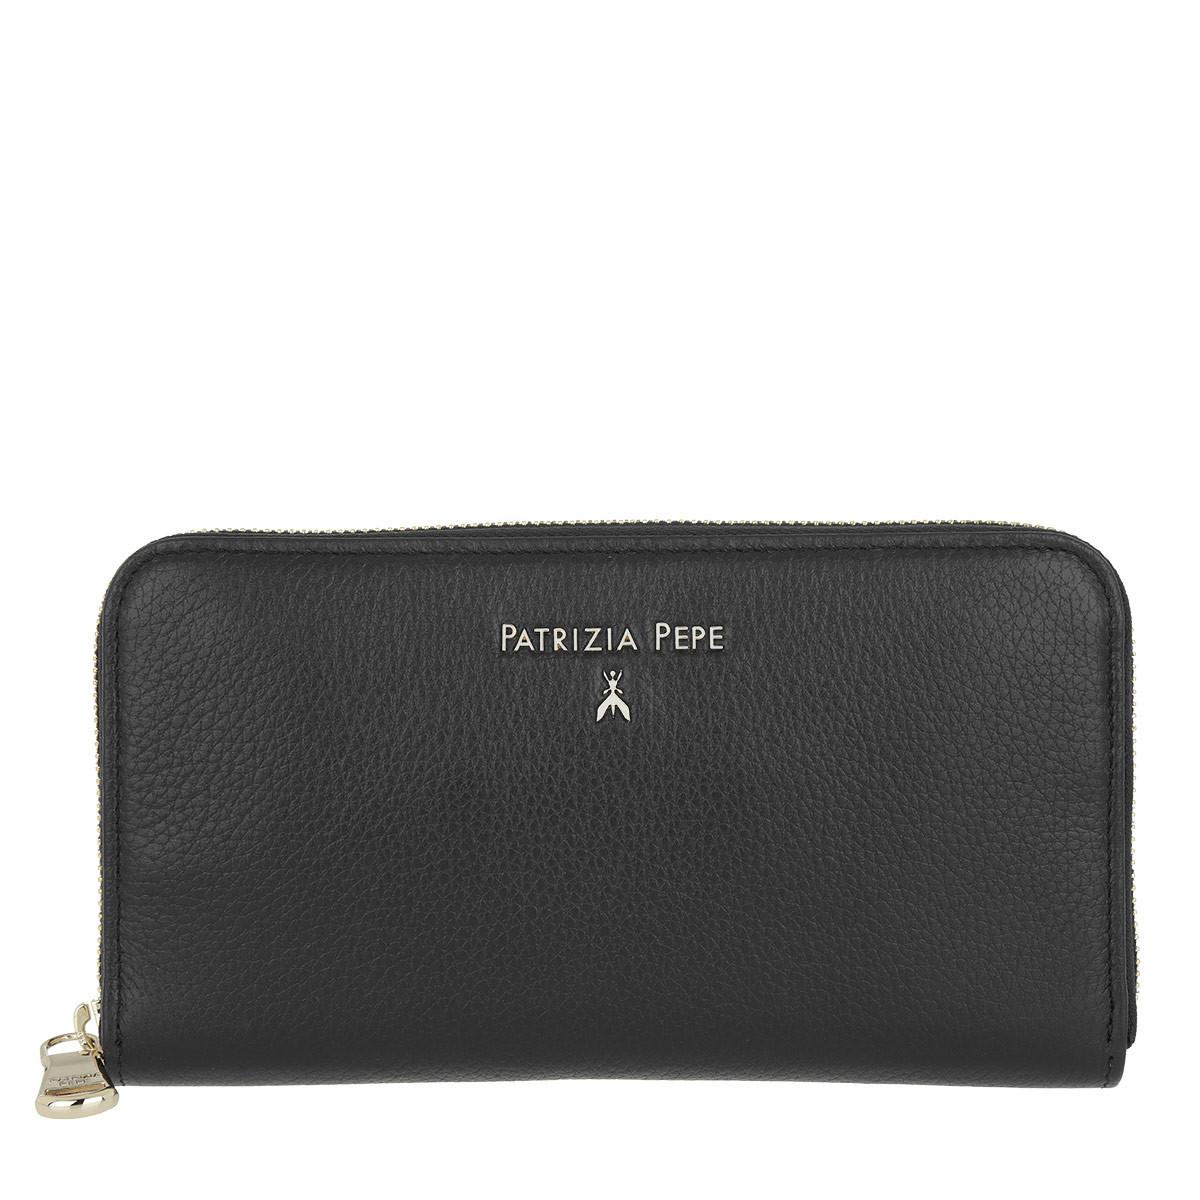 Patrizia Pepe Portemonnaie - Zip Around Wallet Nero - in schwarz - für Damen